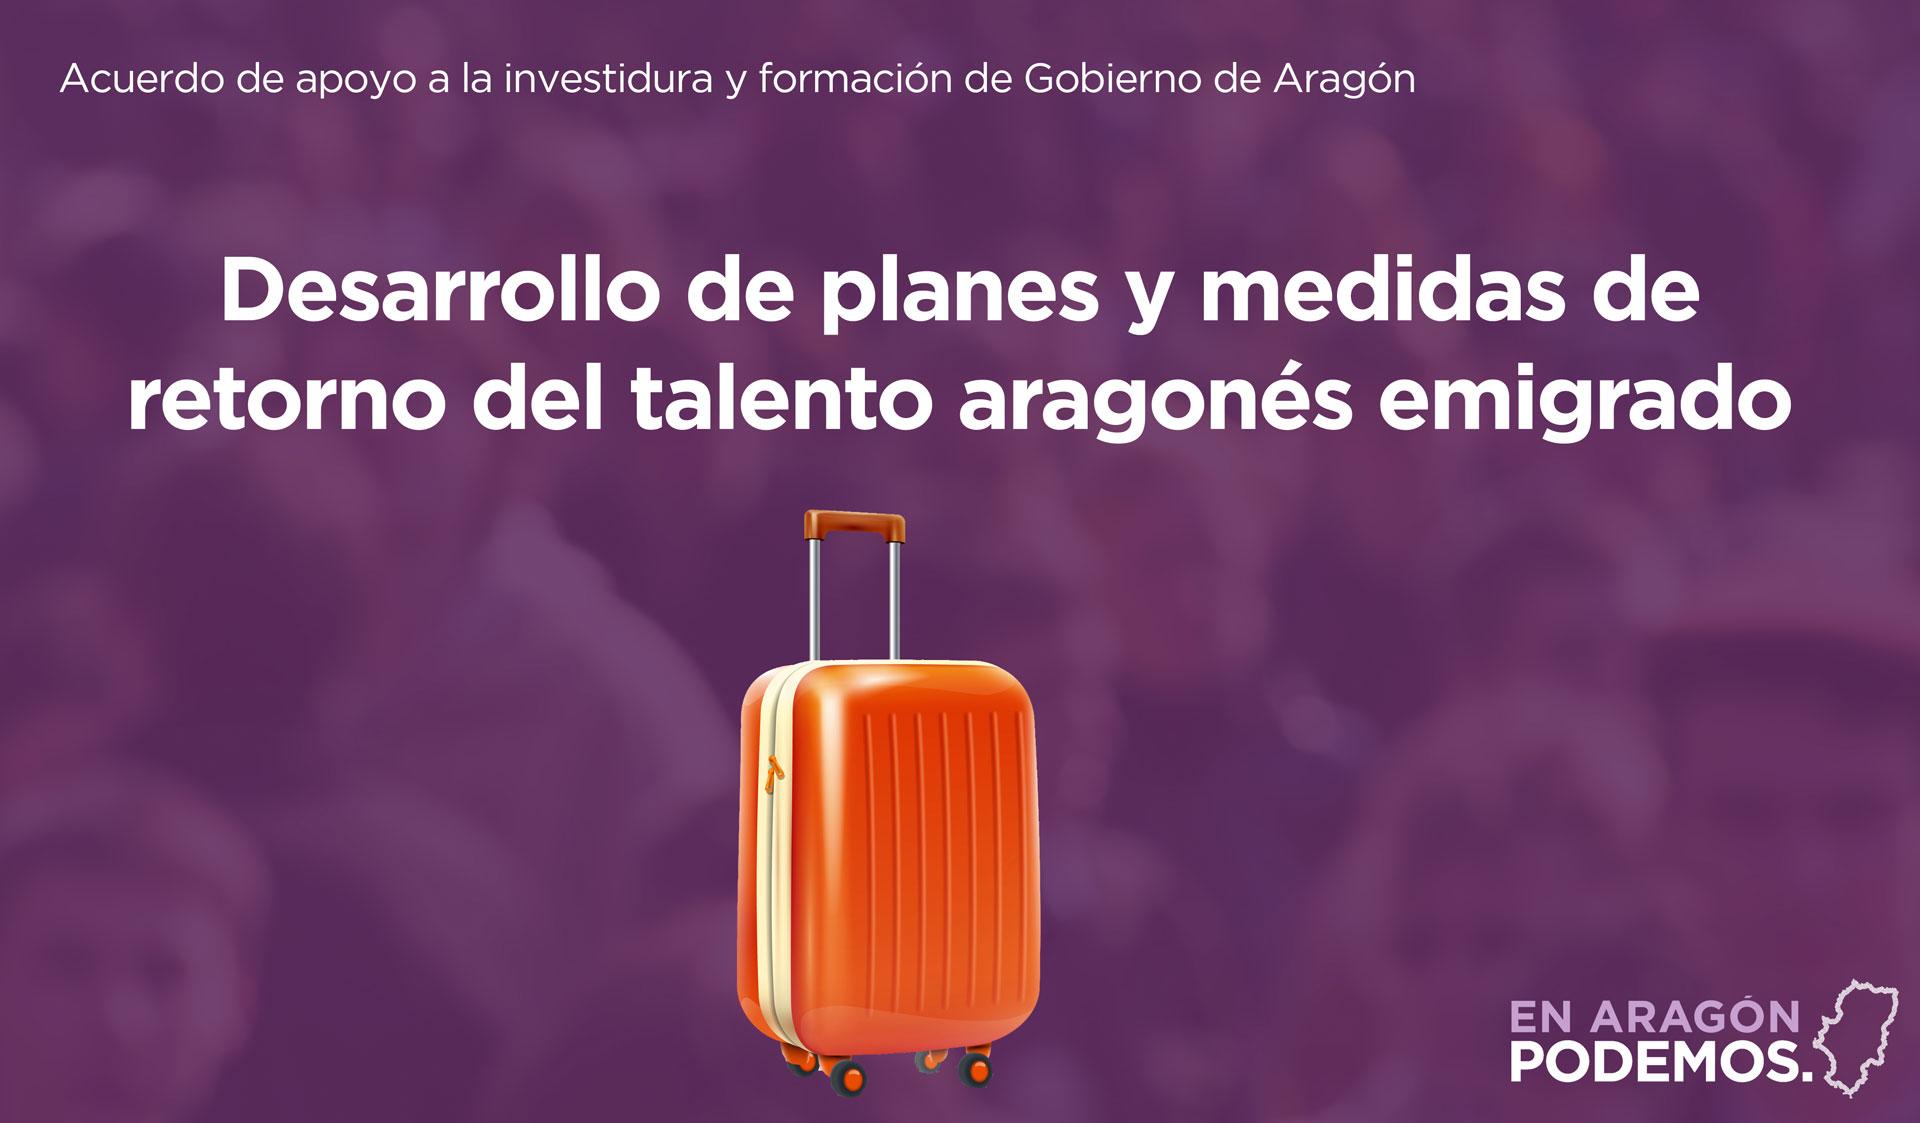 Plan de retorno del talento aragonés emigrado